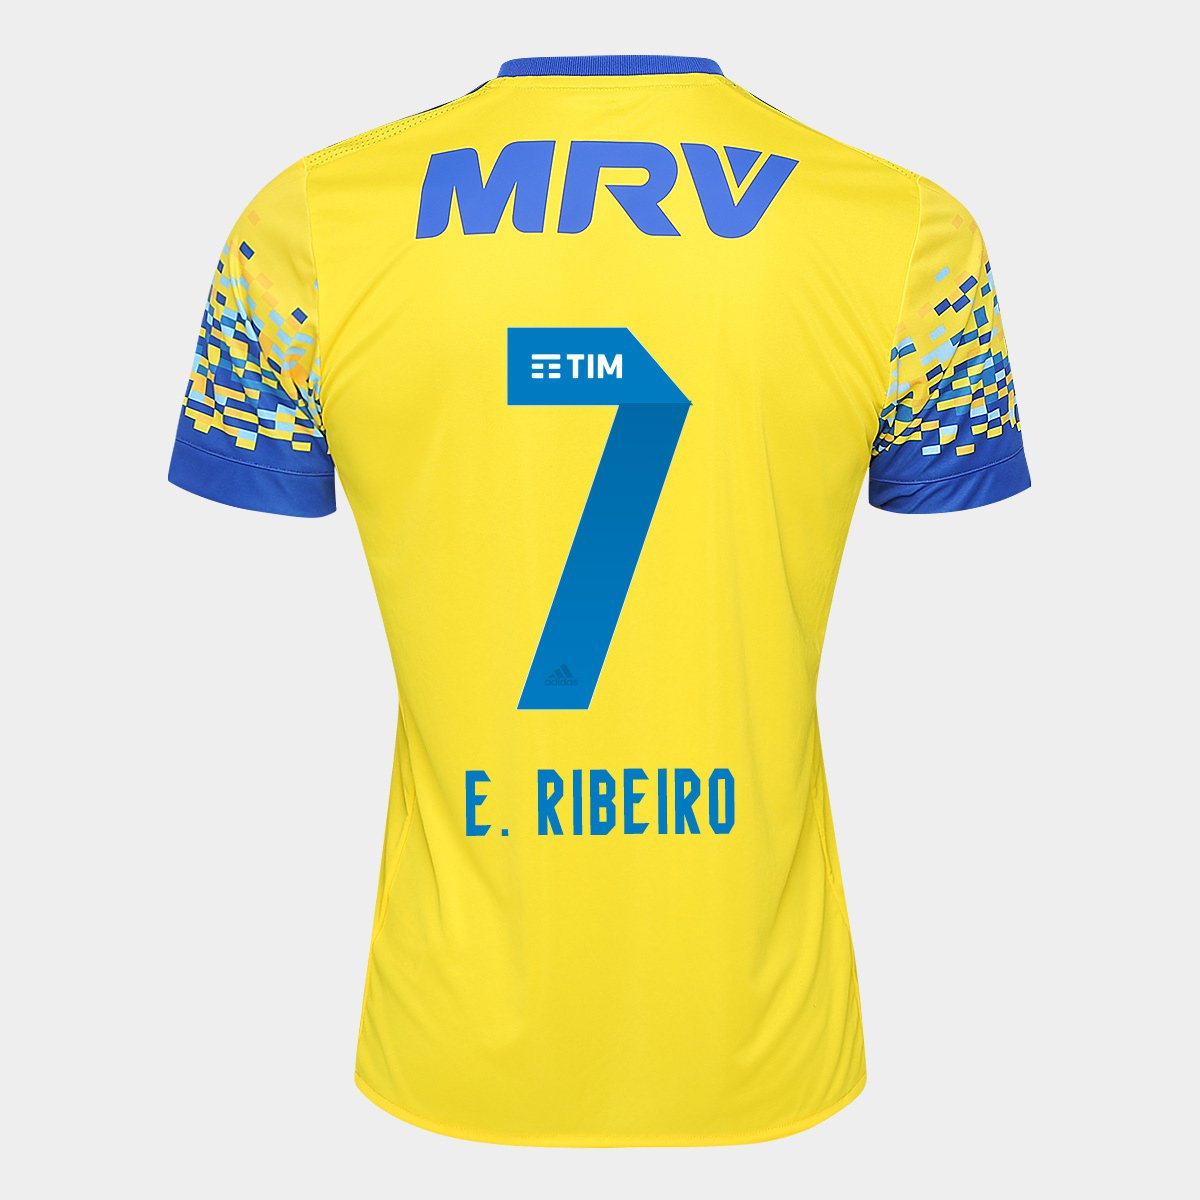 b3acab0c55 Camisa Flamengo III 17 18 N° 7 - E. Ribeiro Torcedor Adidas Masculina -  Compre Agora